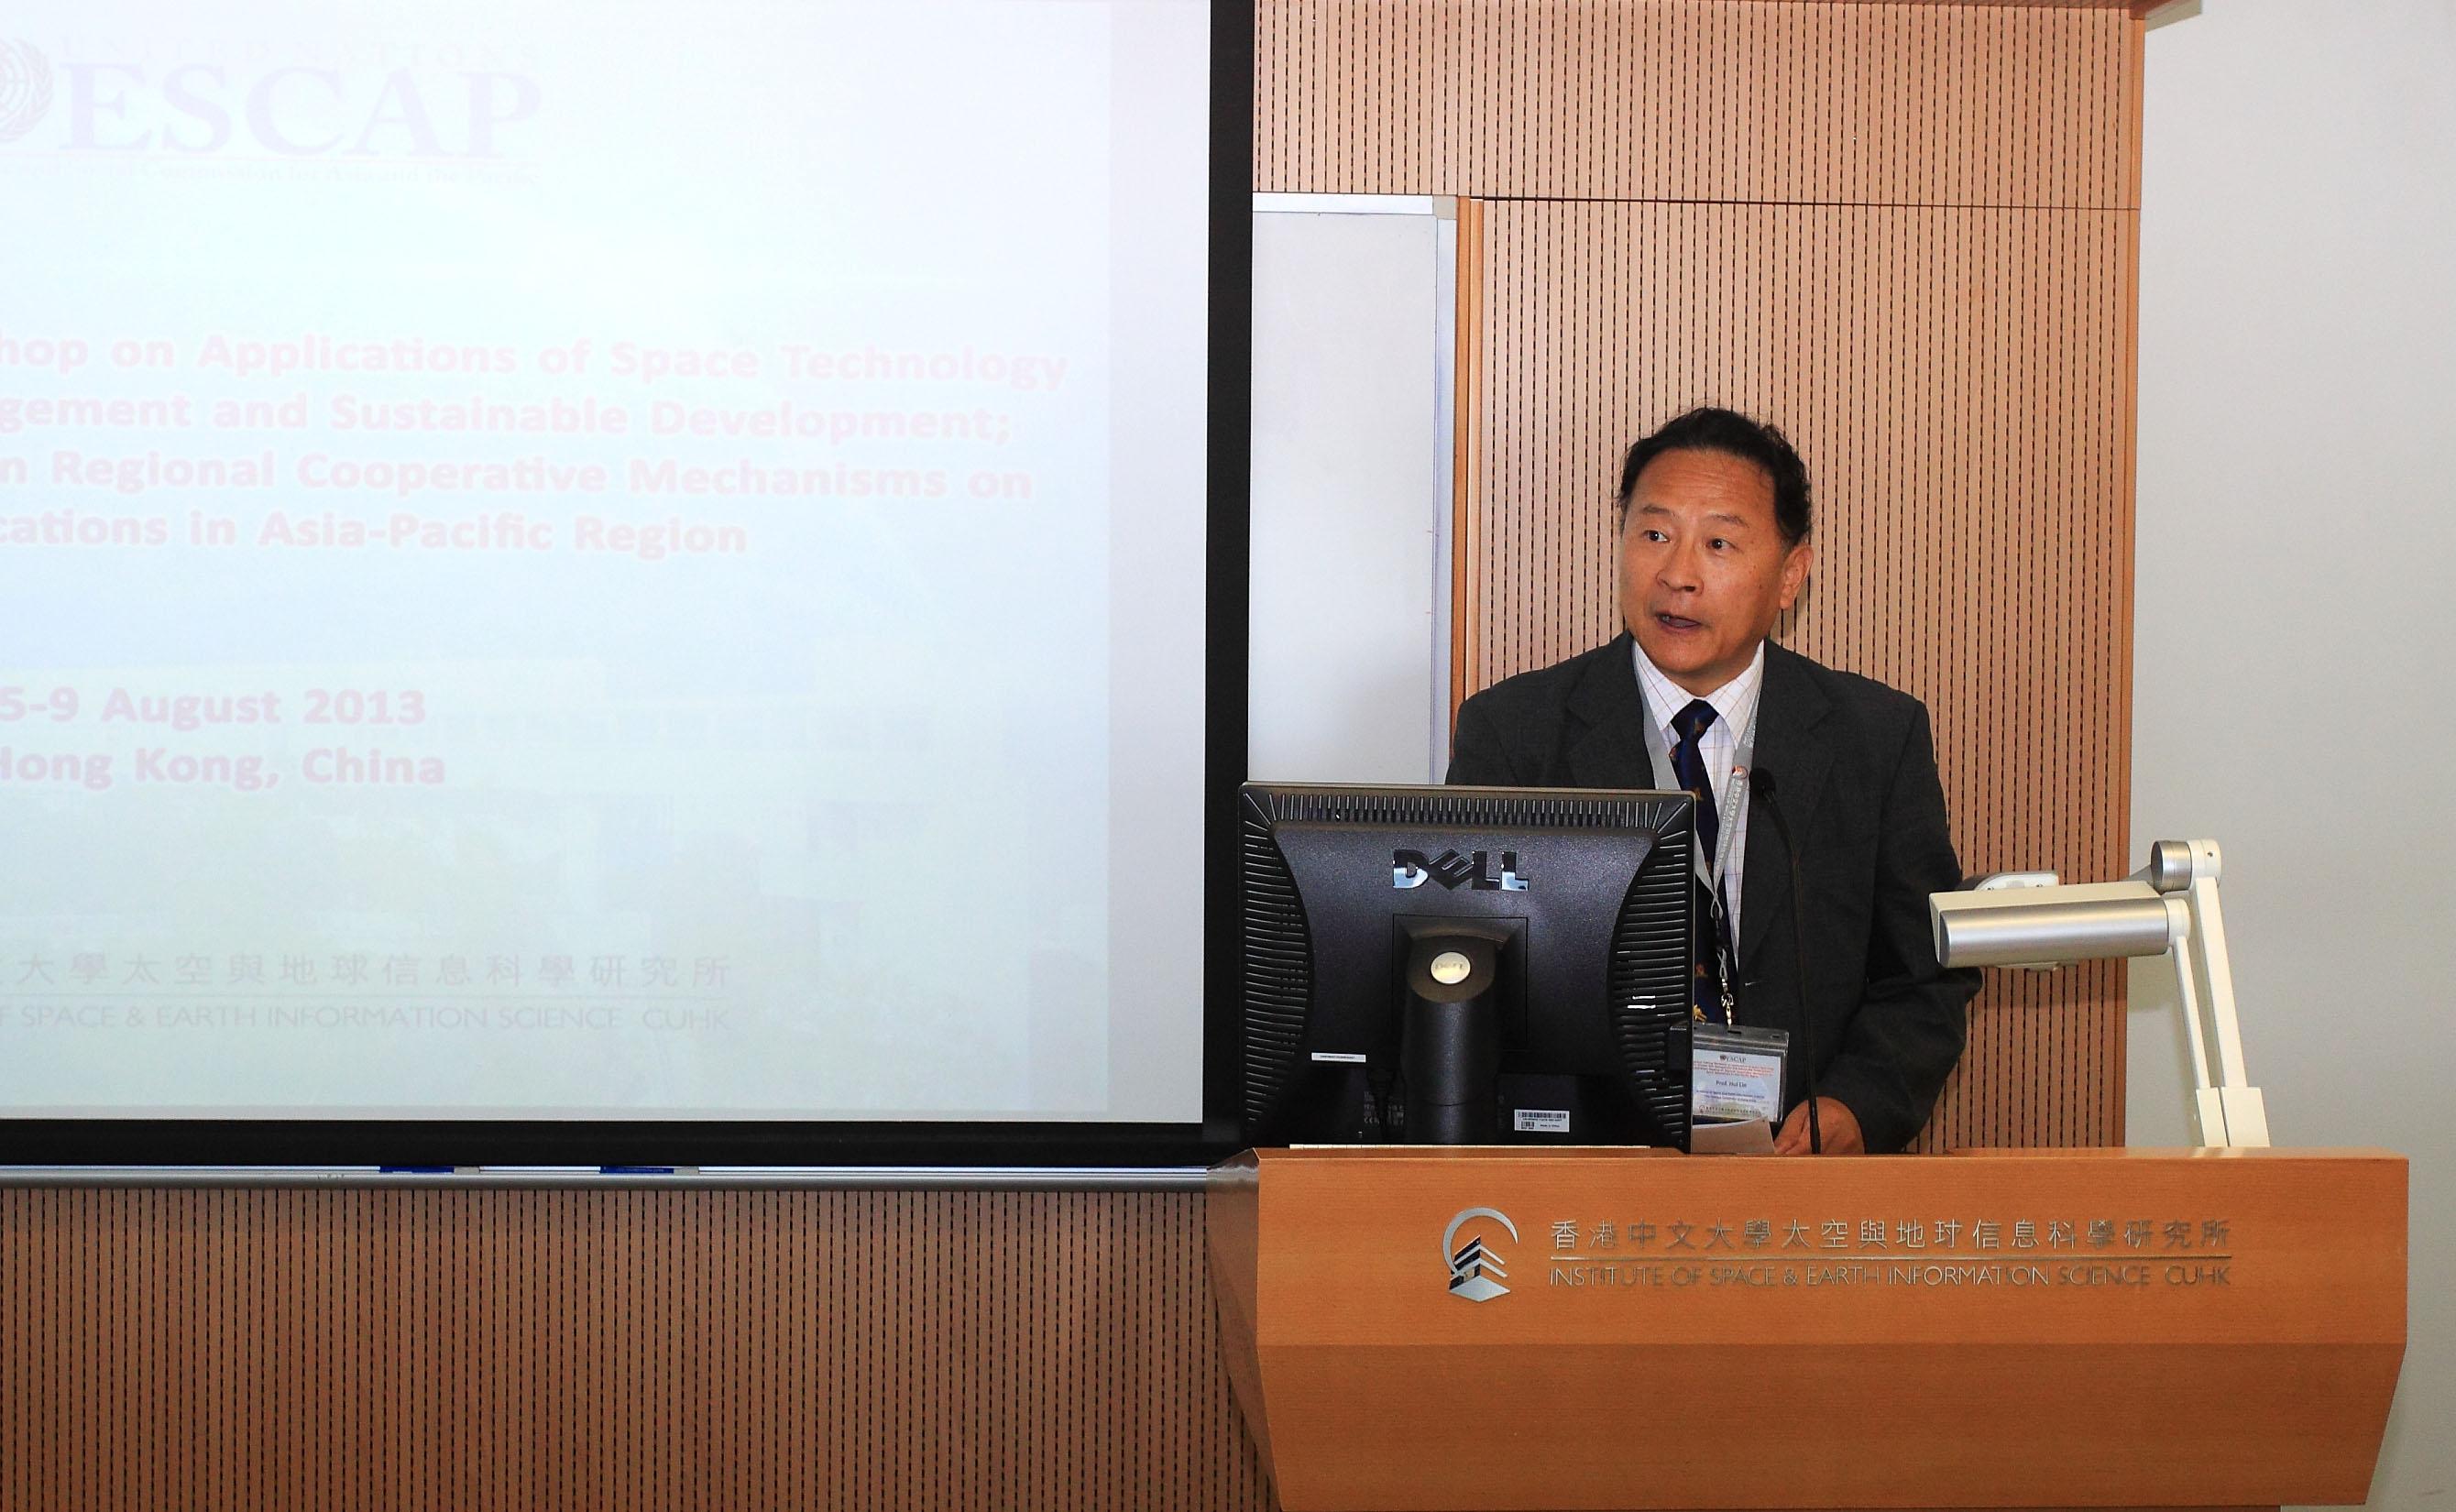 太空所所長林琿教授主持空間技術與災害風險管理培訓班開幕禮。